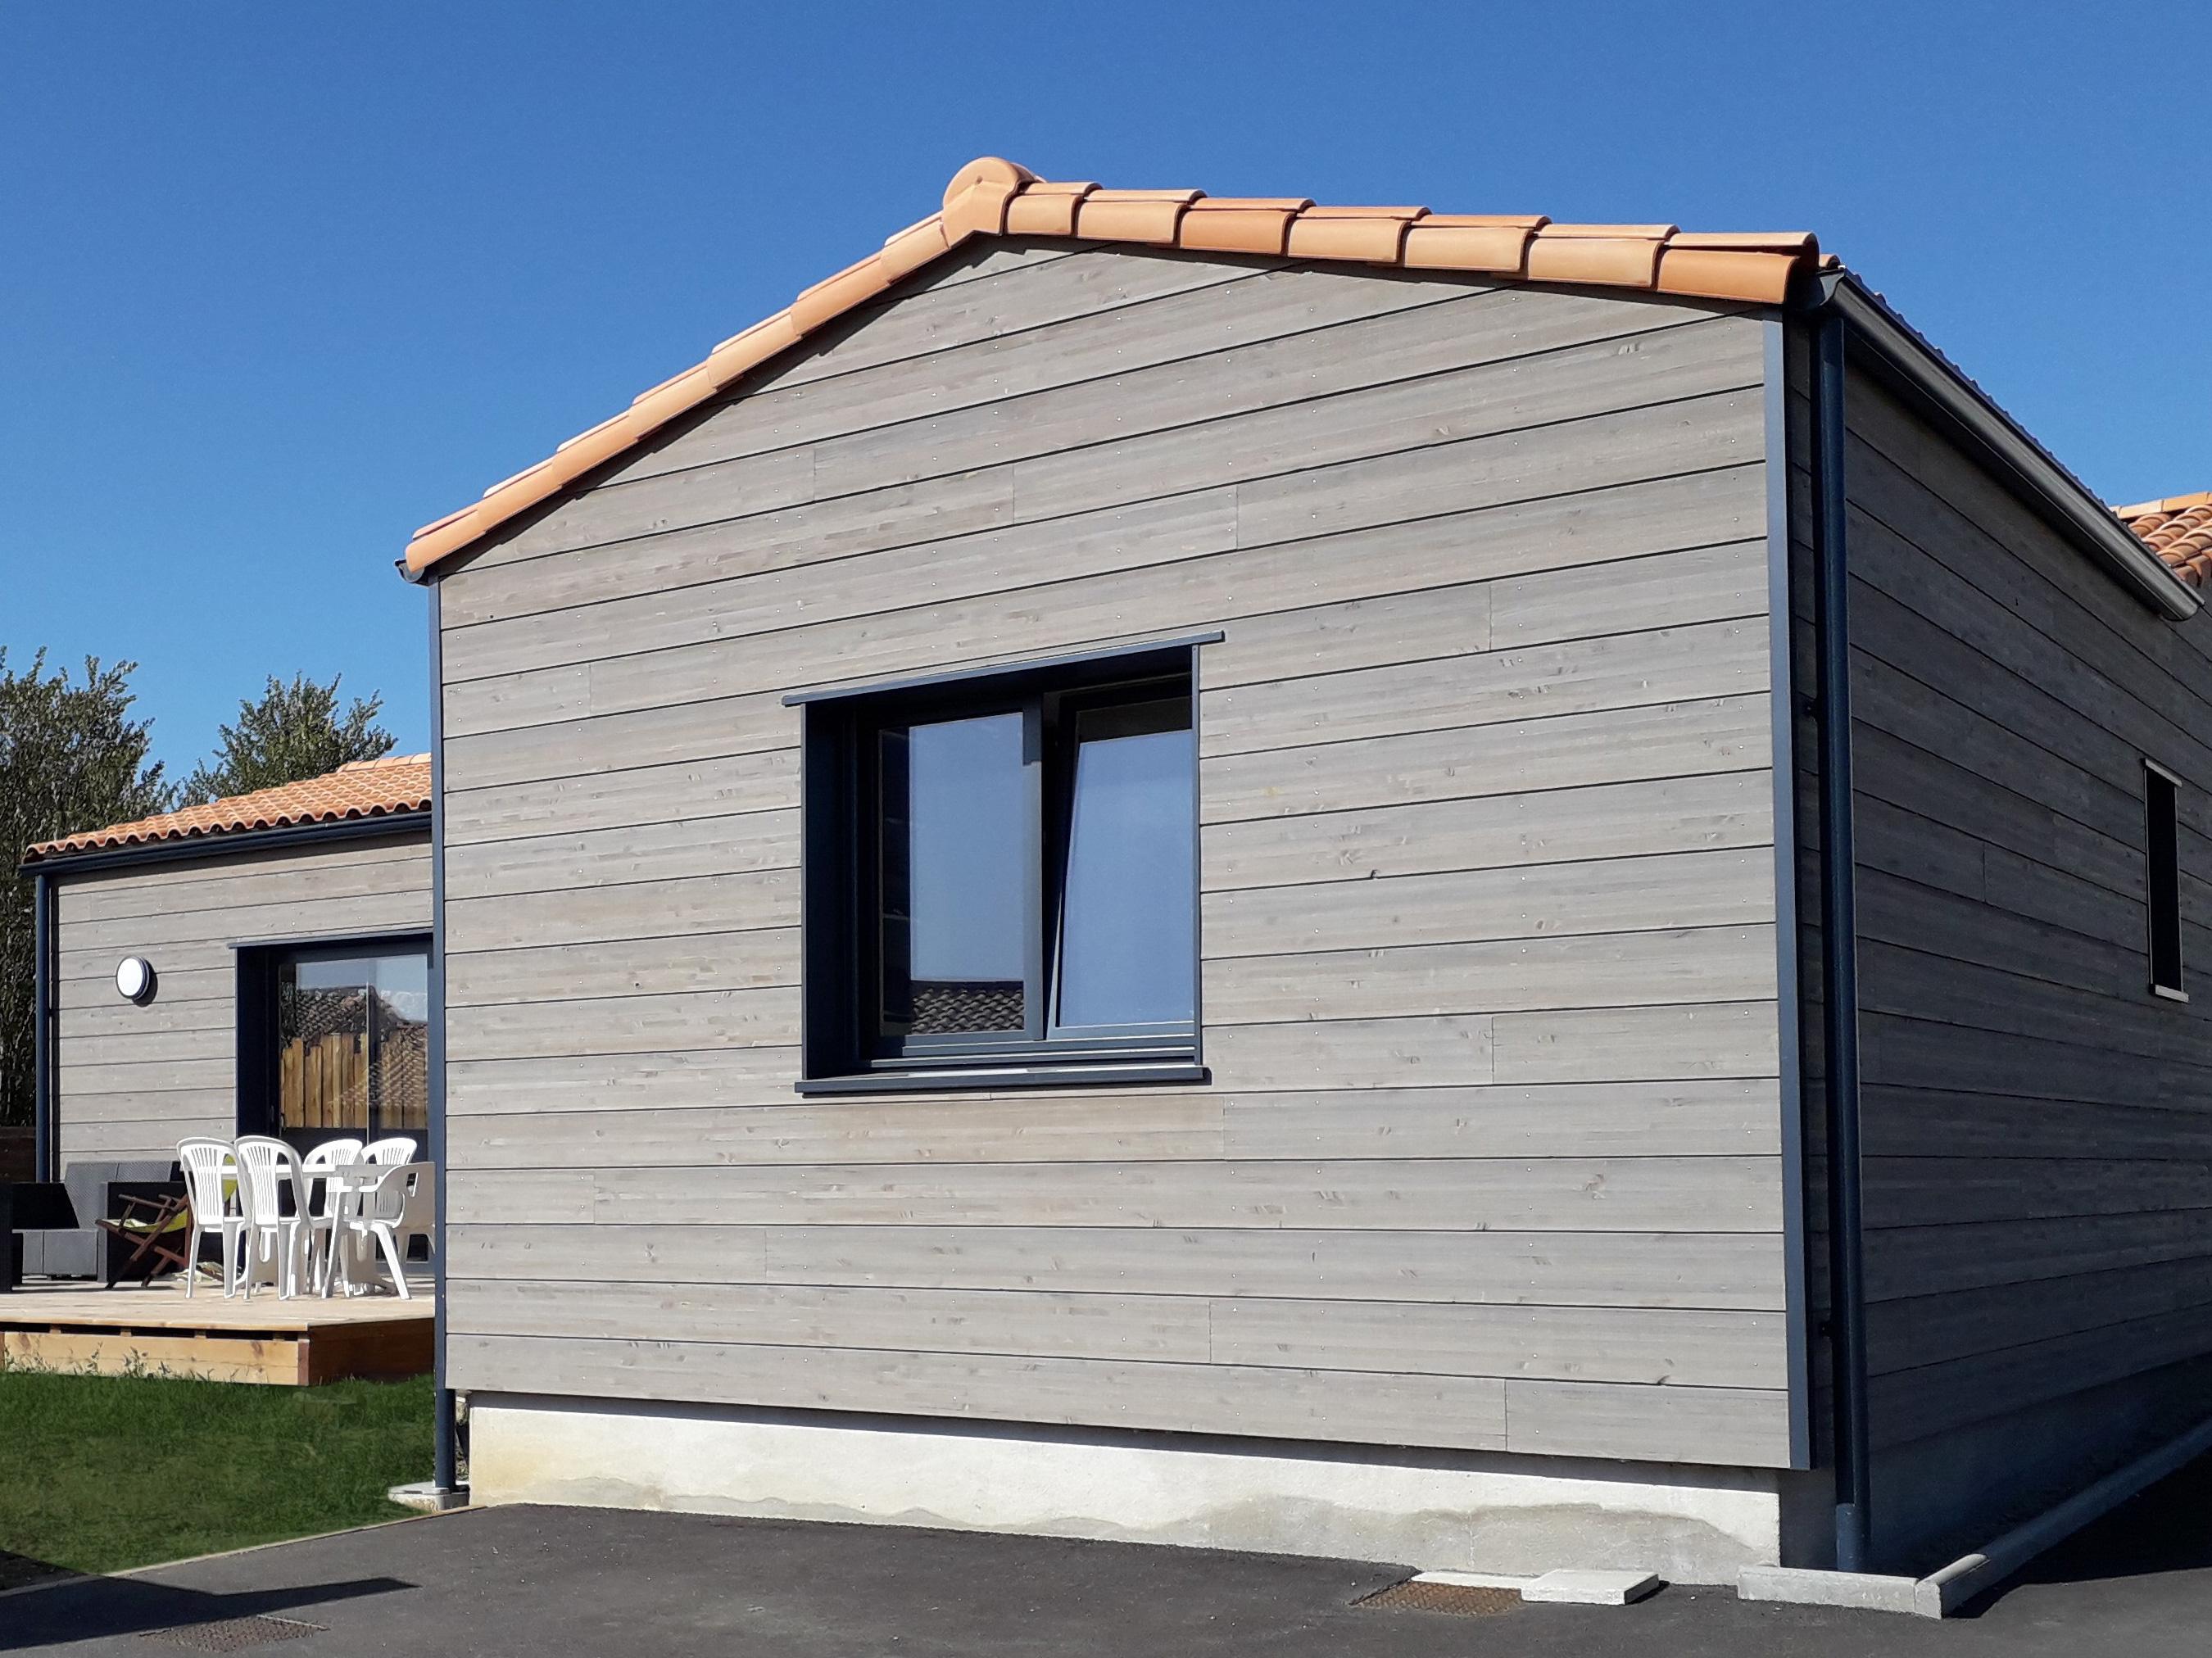 Maison, Aigrefeuille, travaux, cenbois, bois, construction, durable